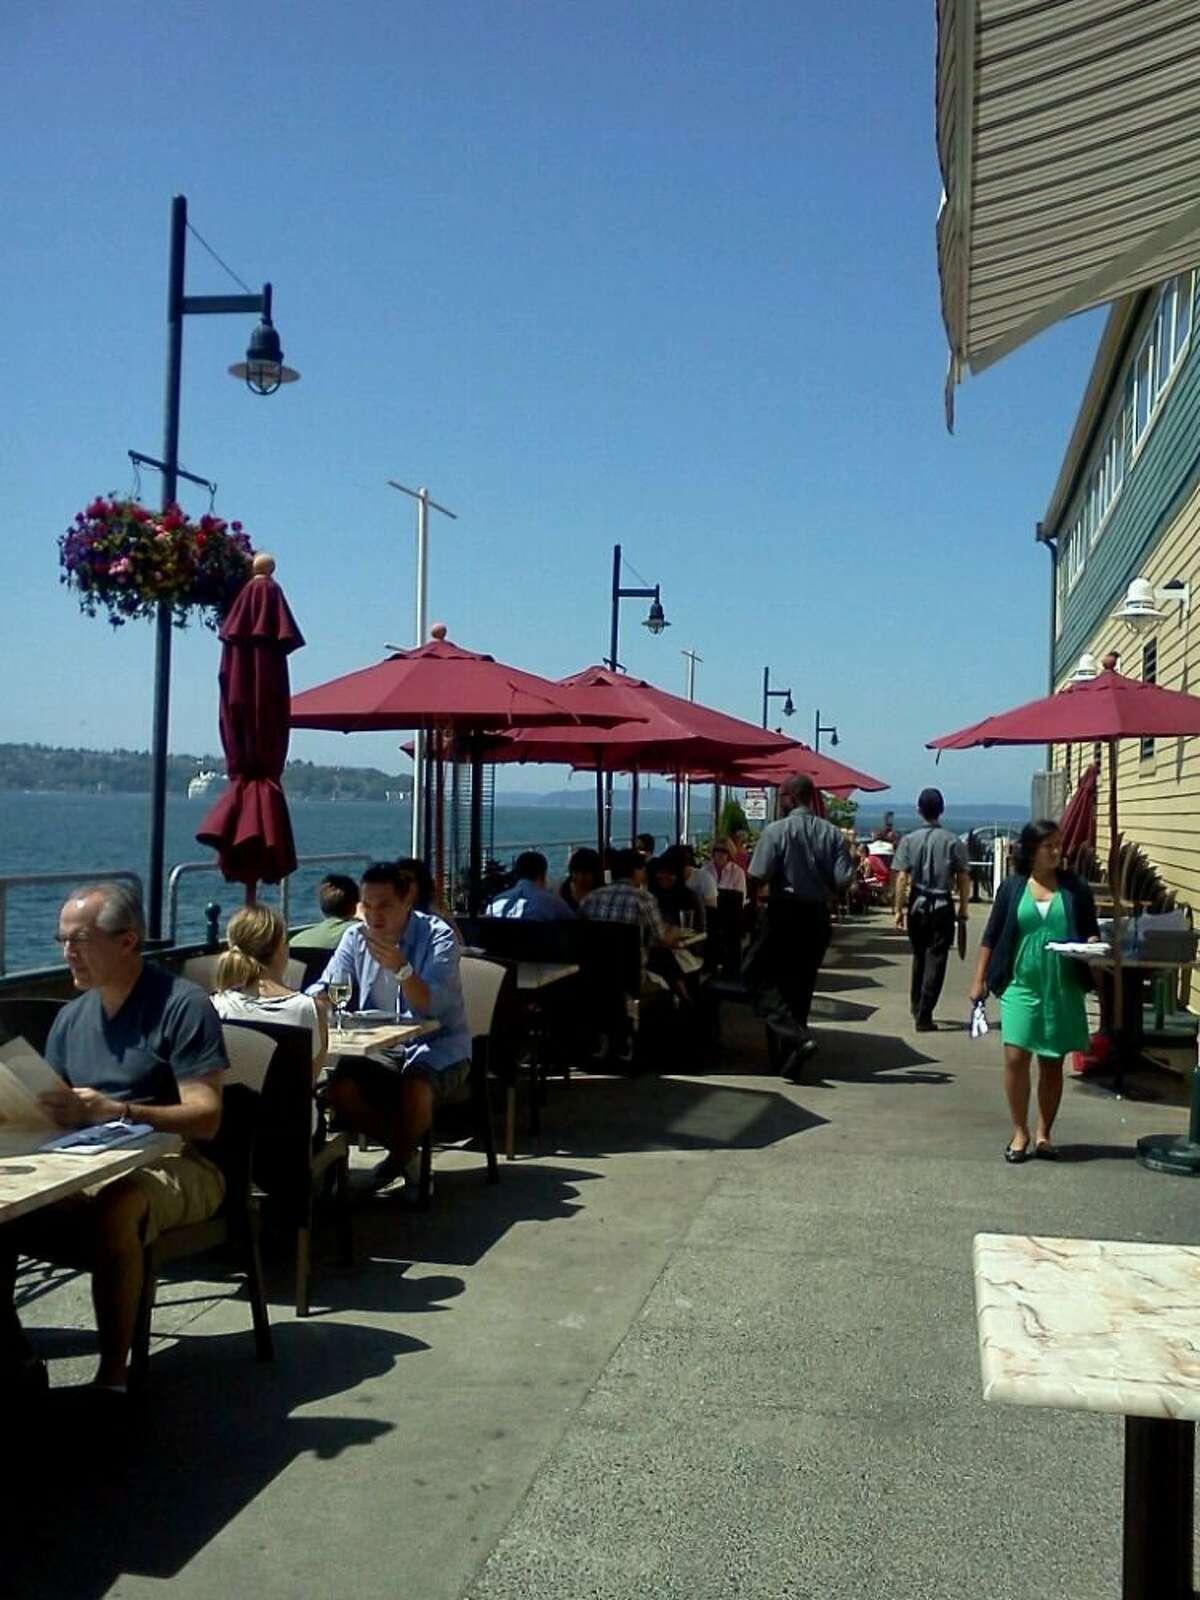 9. Elliott's Oyster House, 1201 Alaskan Way Pier 56, downtown waterfront